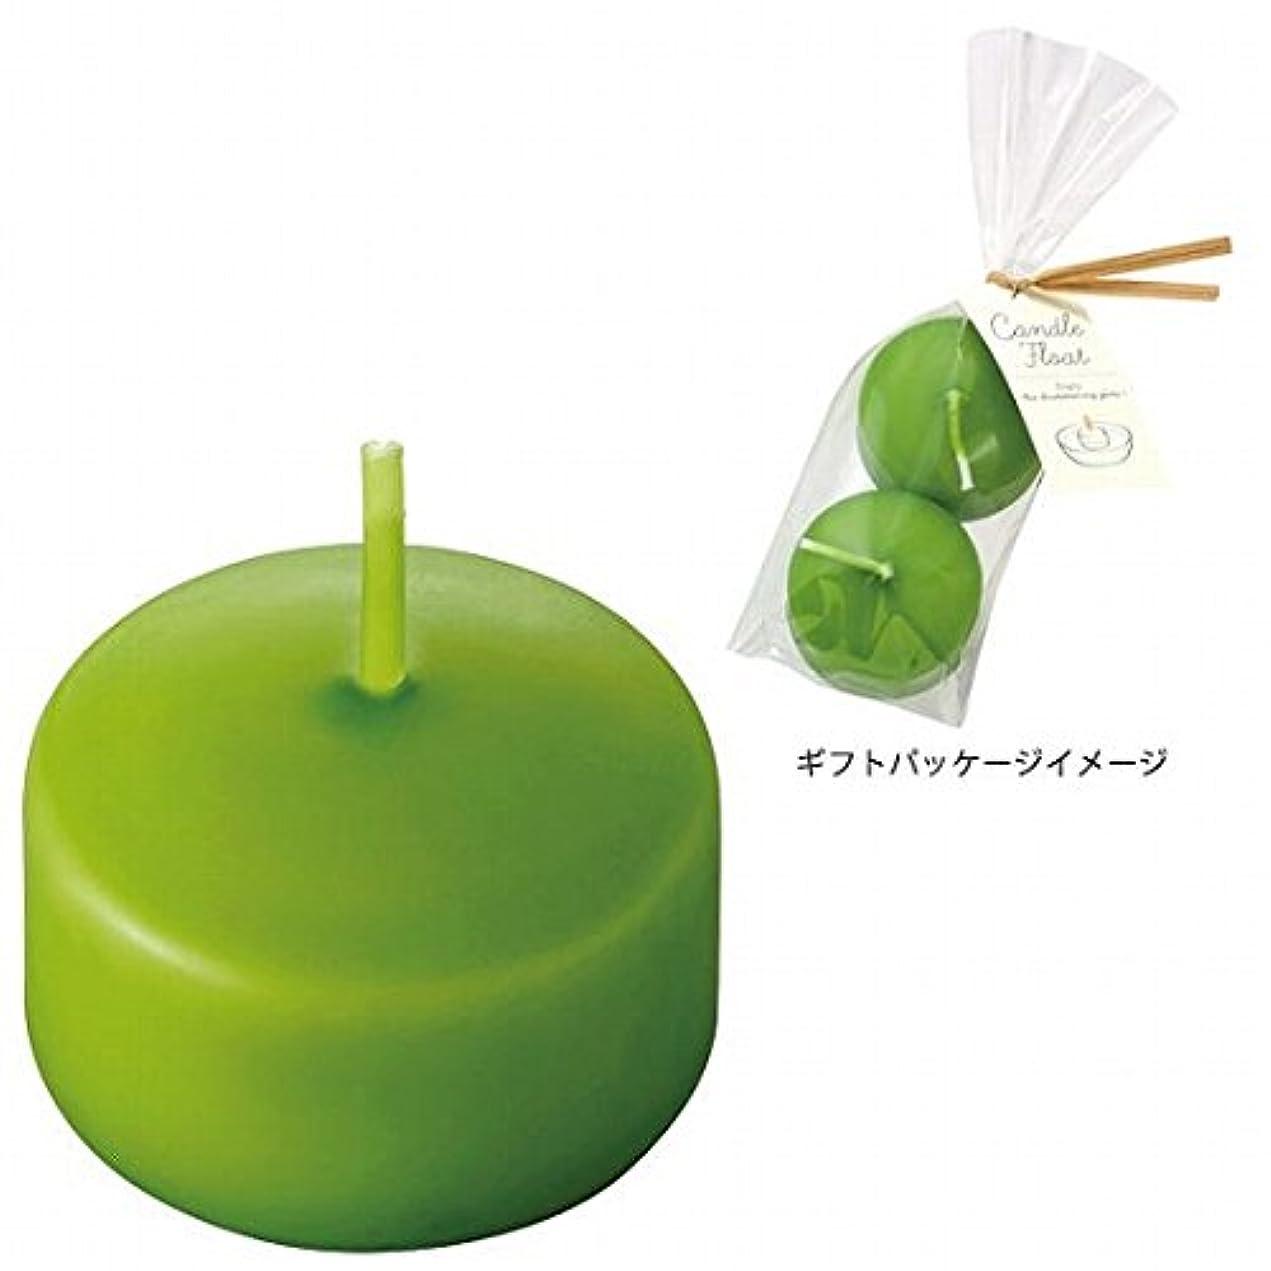 割る母音高層ビルカメヤマキャンドル(kameyama candle) ハッピープール(2個入り) キャンドル 「オリーブ」